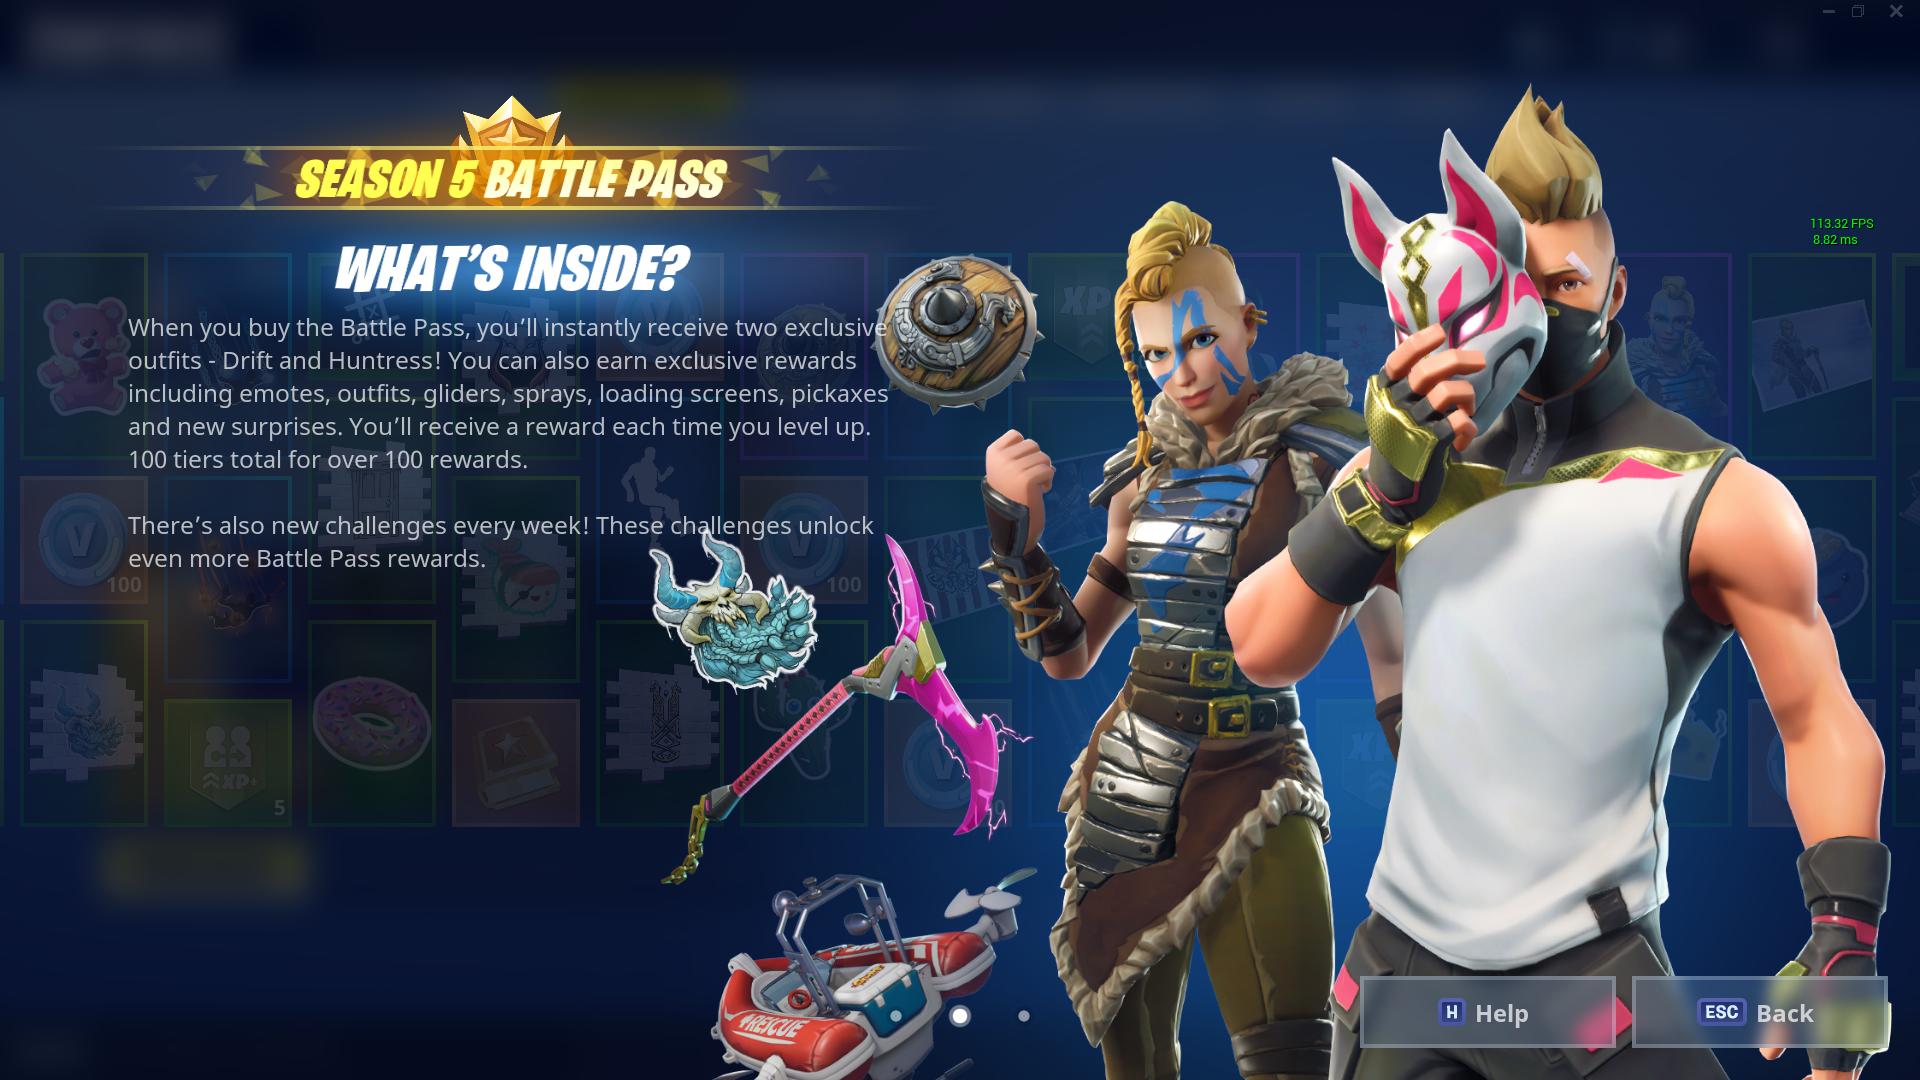 Fortnite Season 5 skins, challenges and news.